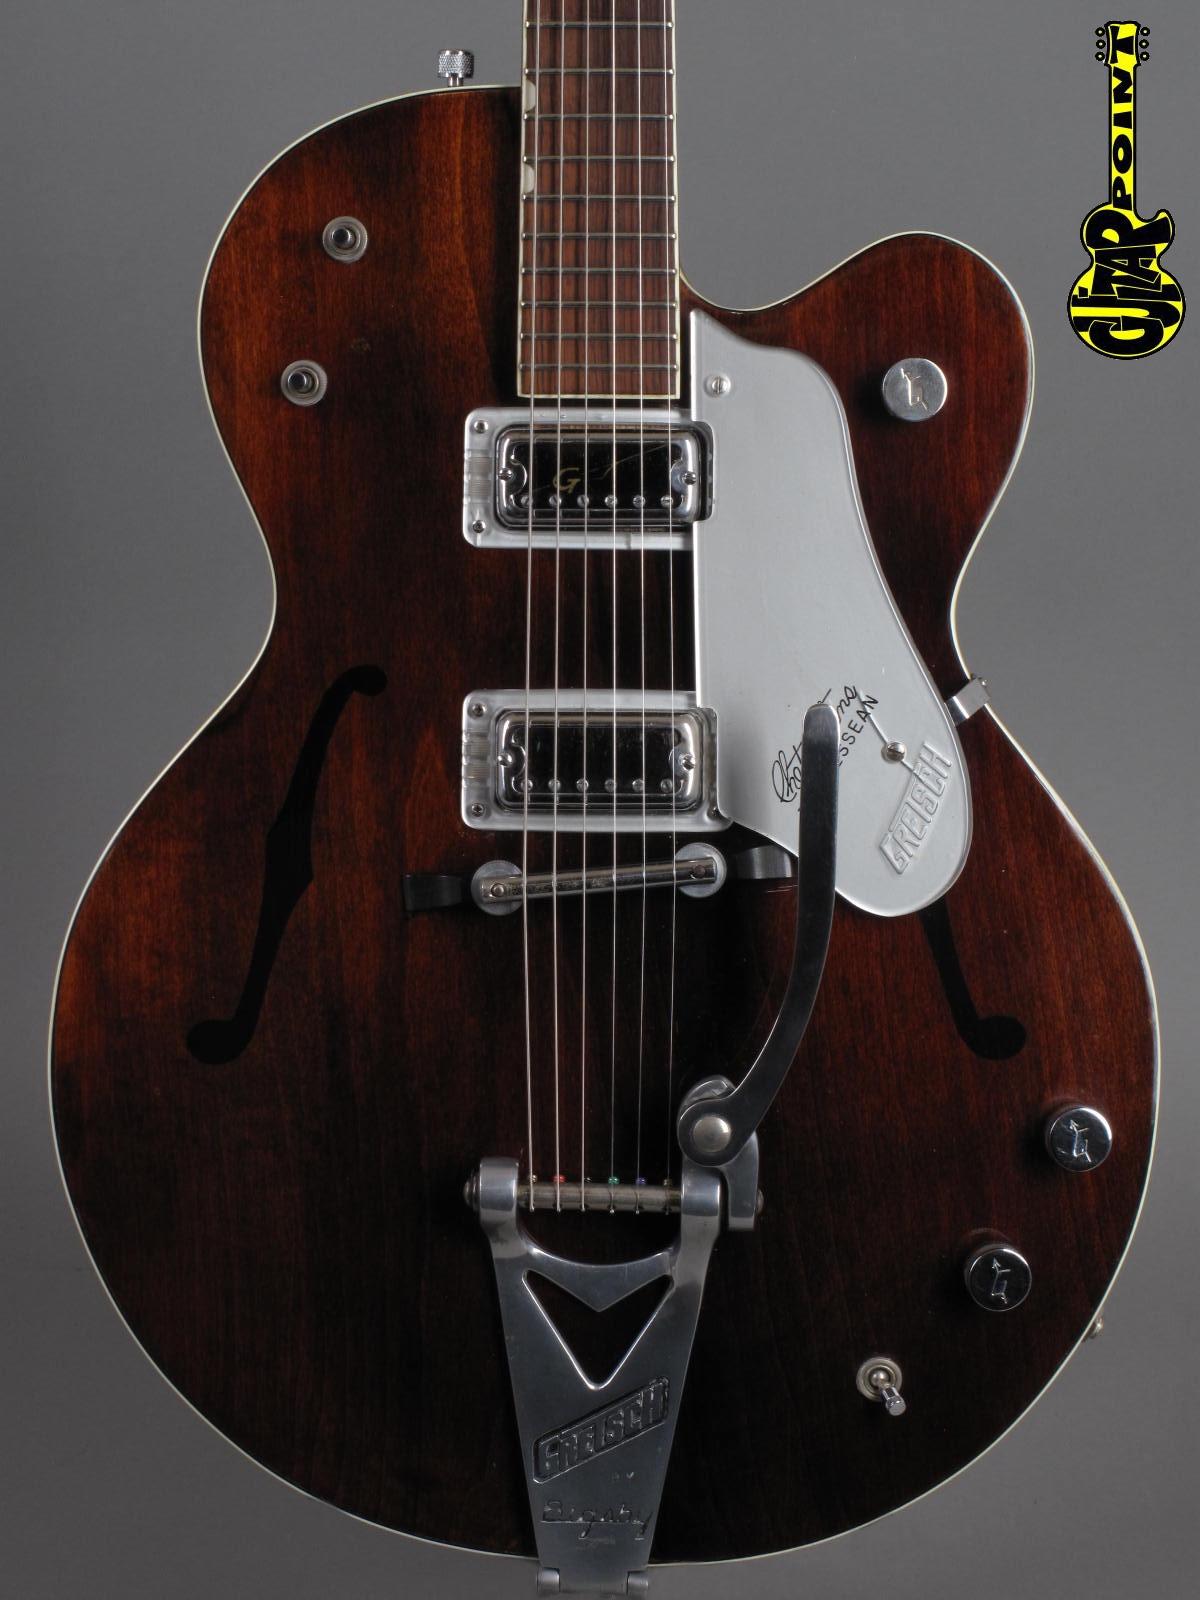 1963 Gretsch 6119 Chet Atkins Tennessean